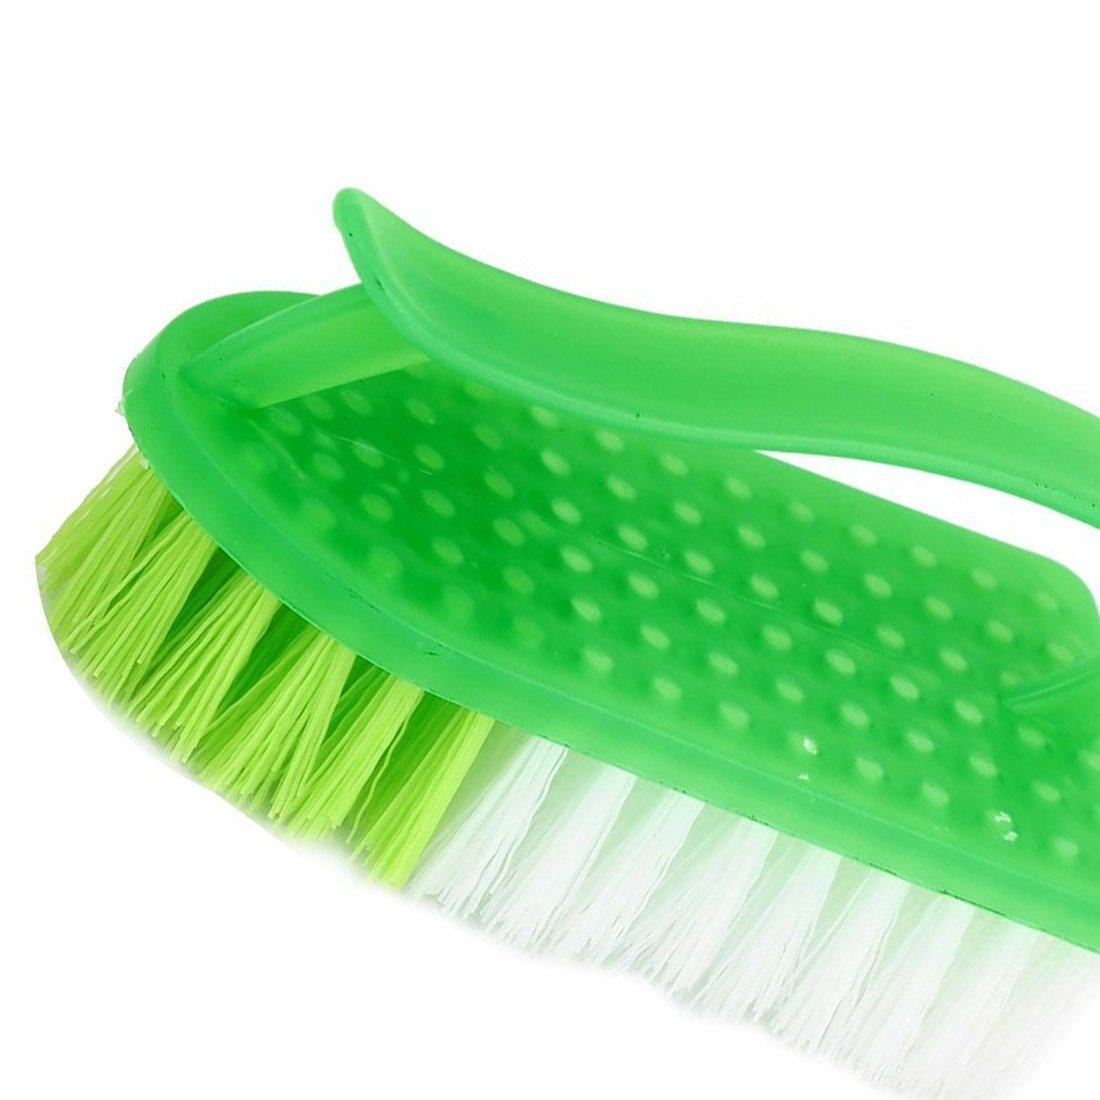 TOOGOO Brosse dure en plastique pour laver des Vetements et Chaussures Outil de nettoyage